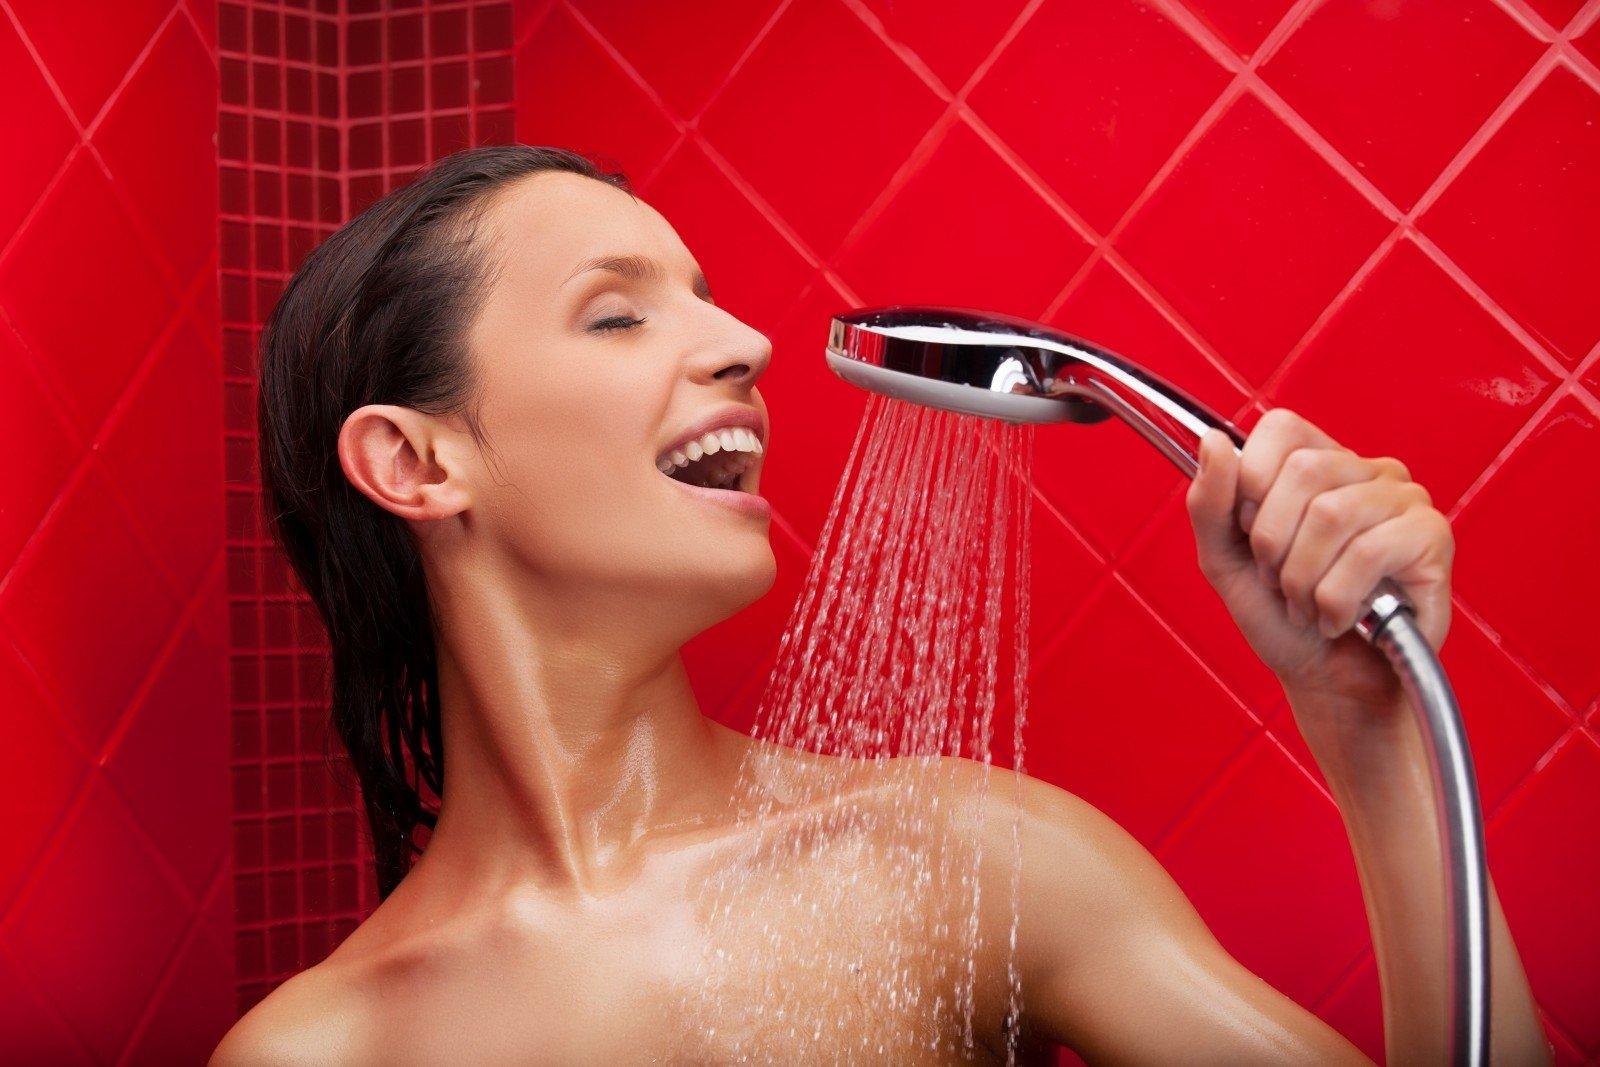 Секс девушки с душем, гиг порно в душе видео смотреть HD порно бесплатно 2 фотография